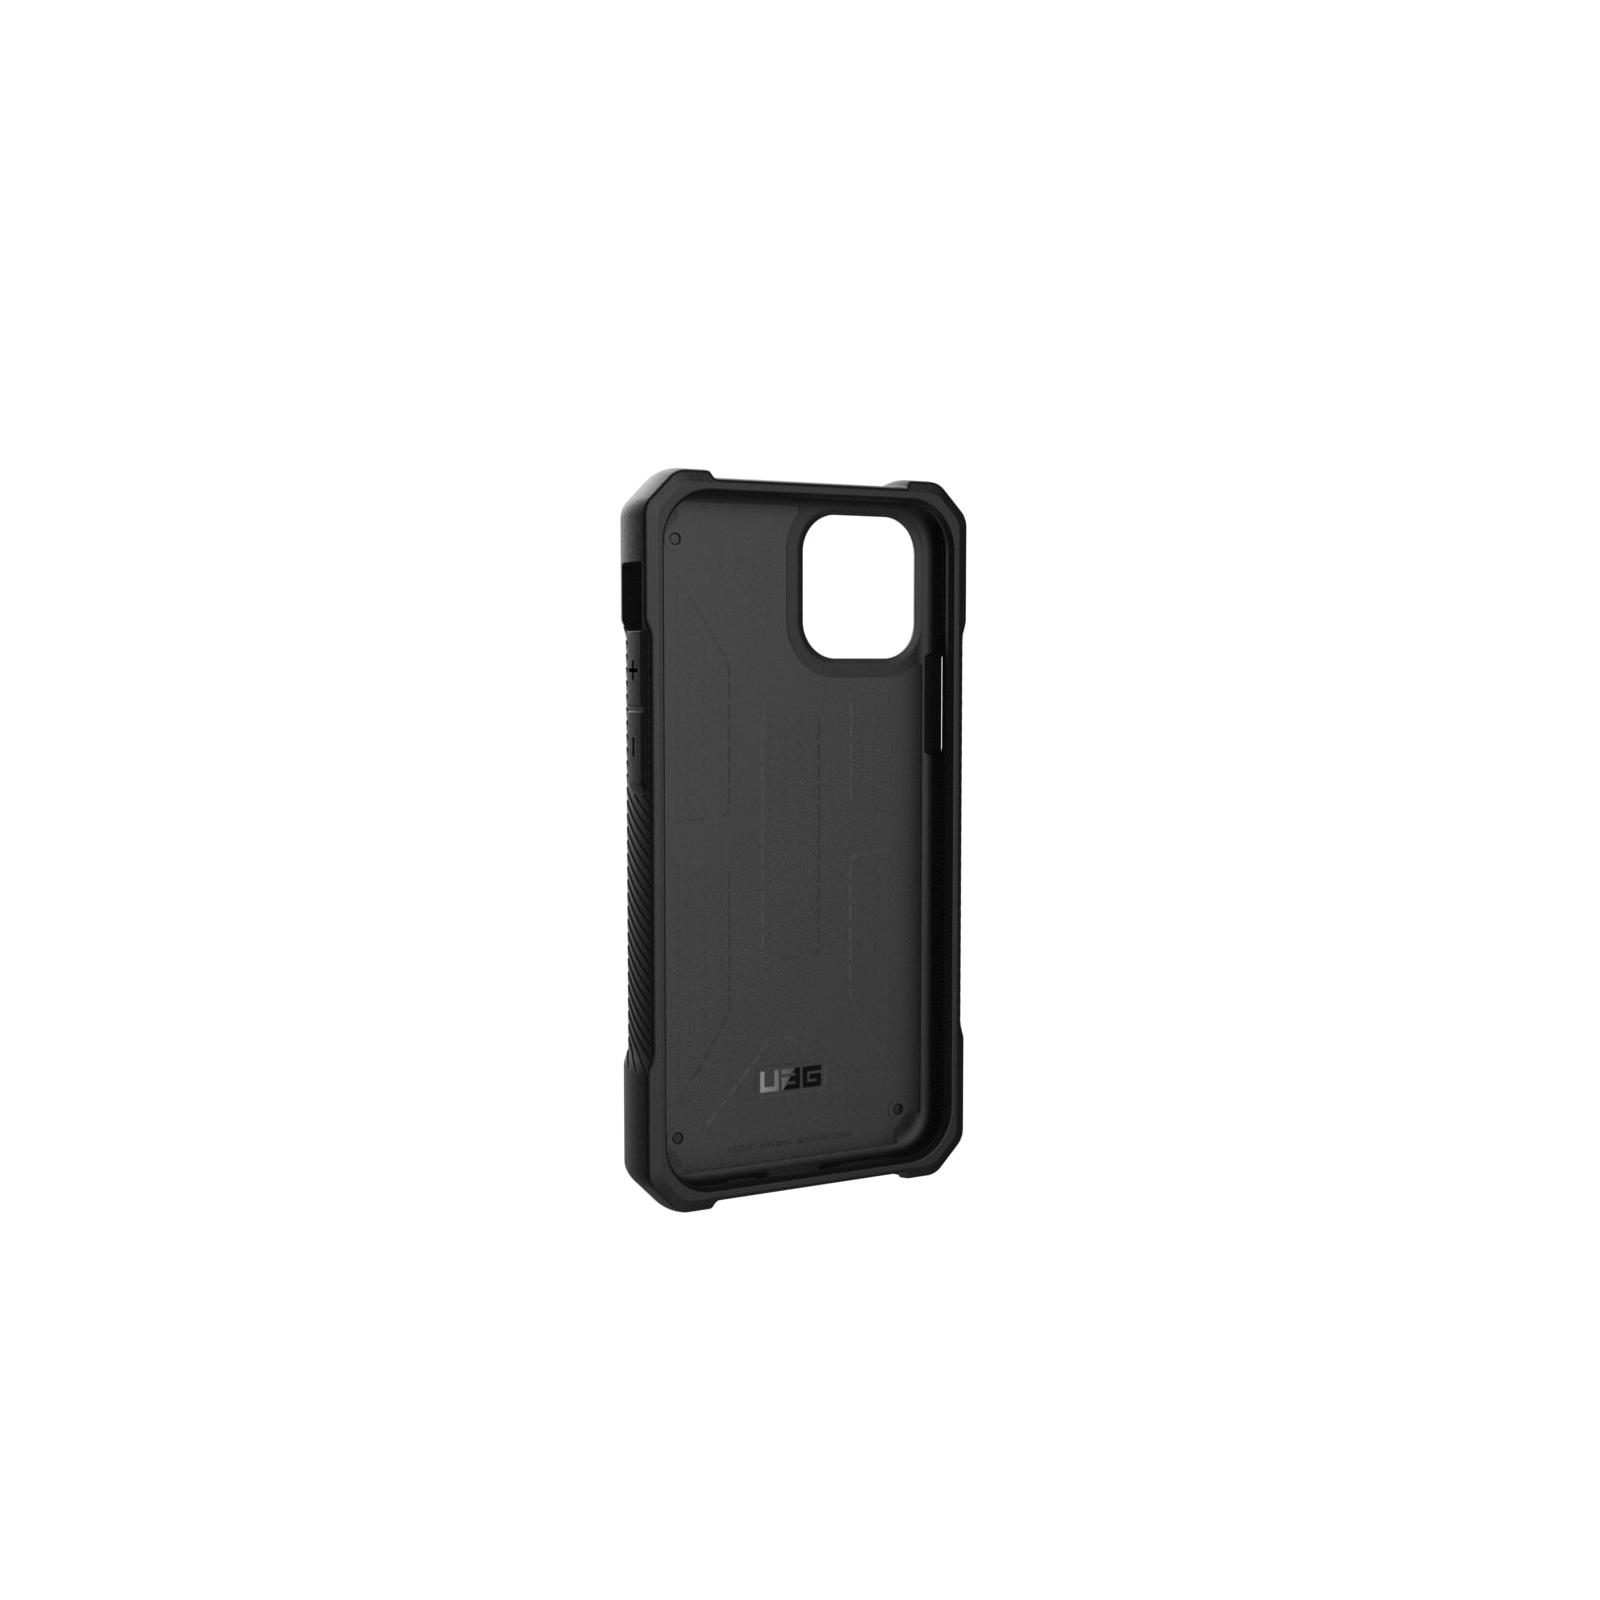 Чехол для моб. телефона Uag iPhone 11 Pro Monarch, Carbon Fiber (111701114242) изображение 4